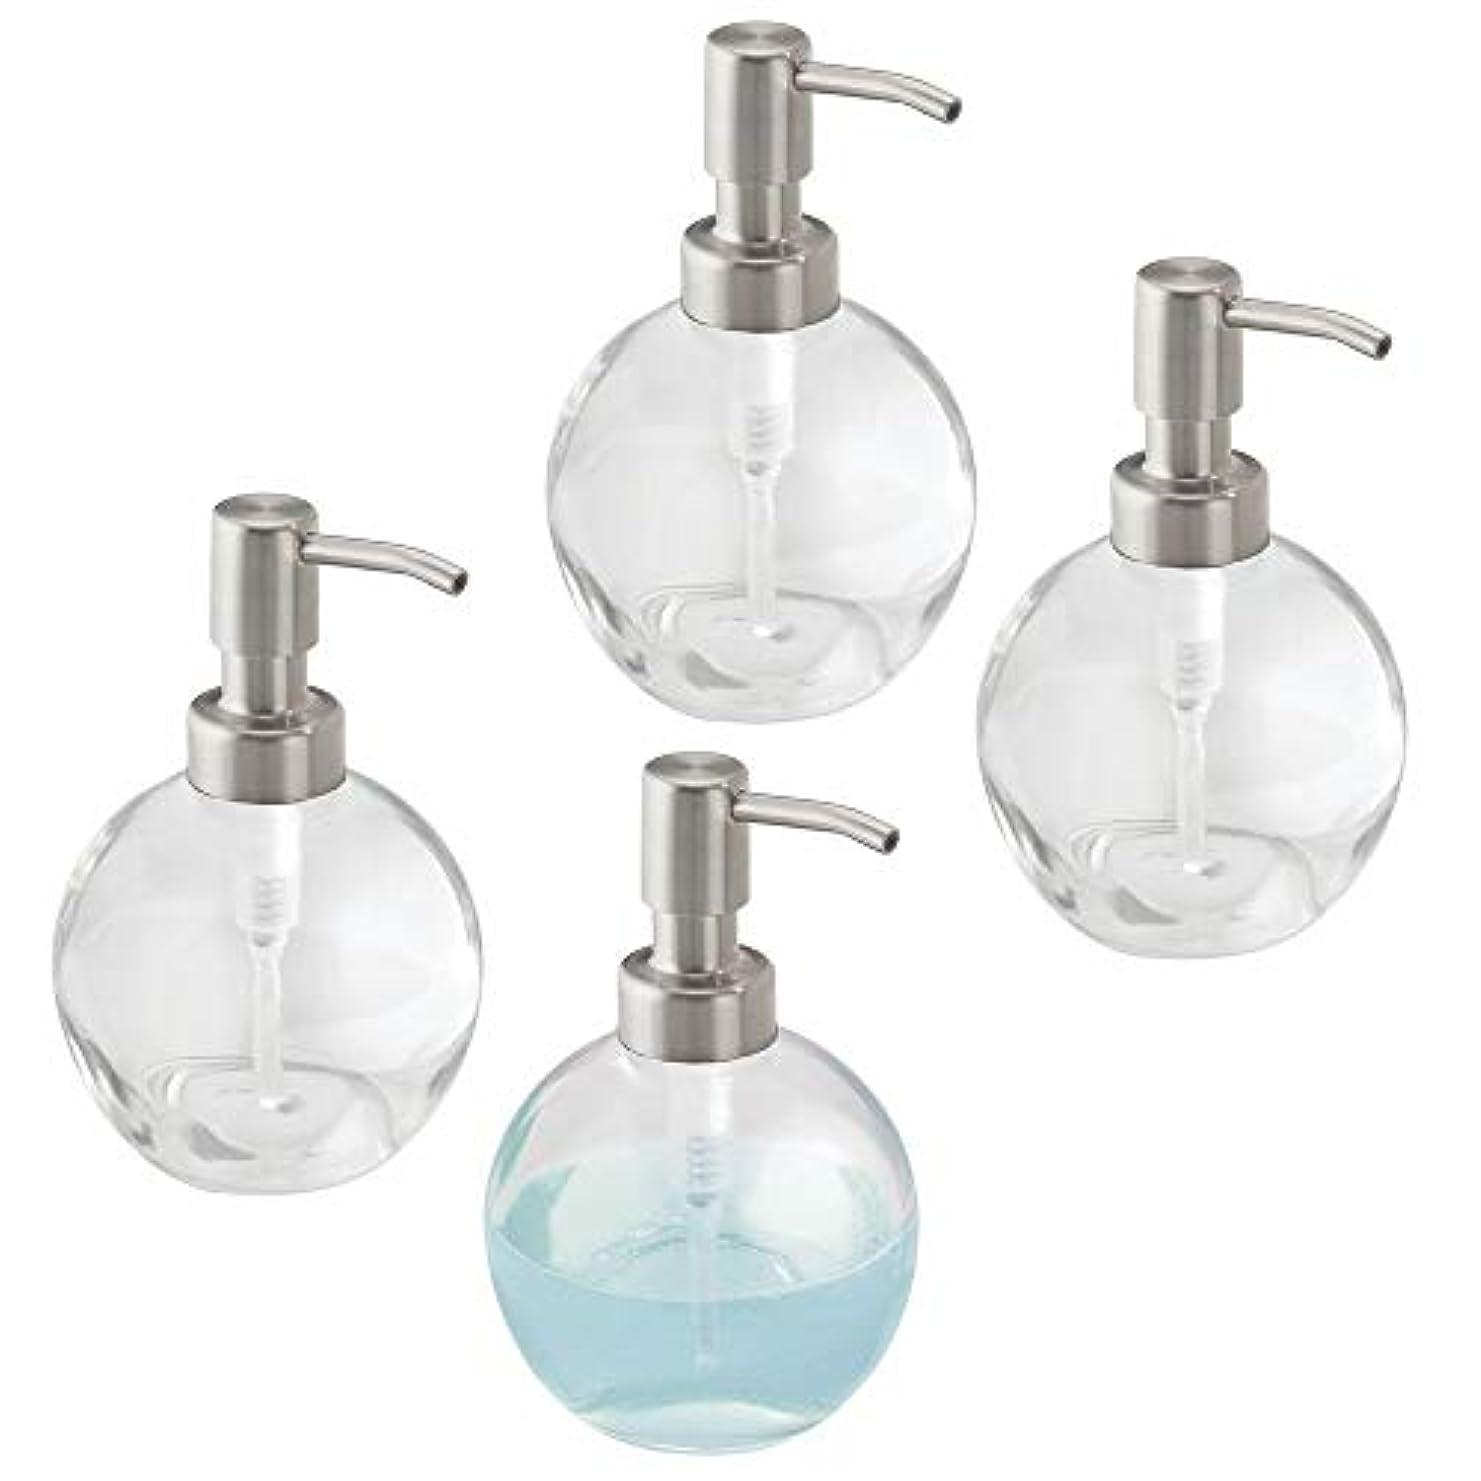 分布見捨てられた相対サイズmDesign Liquid Hand Soapガラスディスペンサーポンプボトルのキッチン、バスルーム|もCan Be Used For Hand Lotion & Essential Oils – 4のパック、ラウンド...